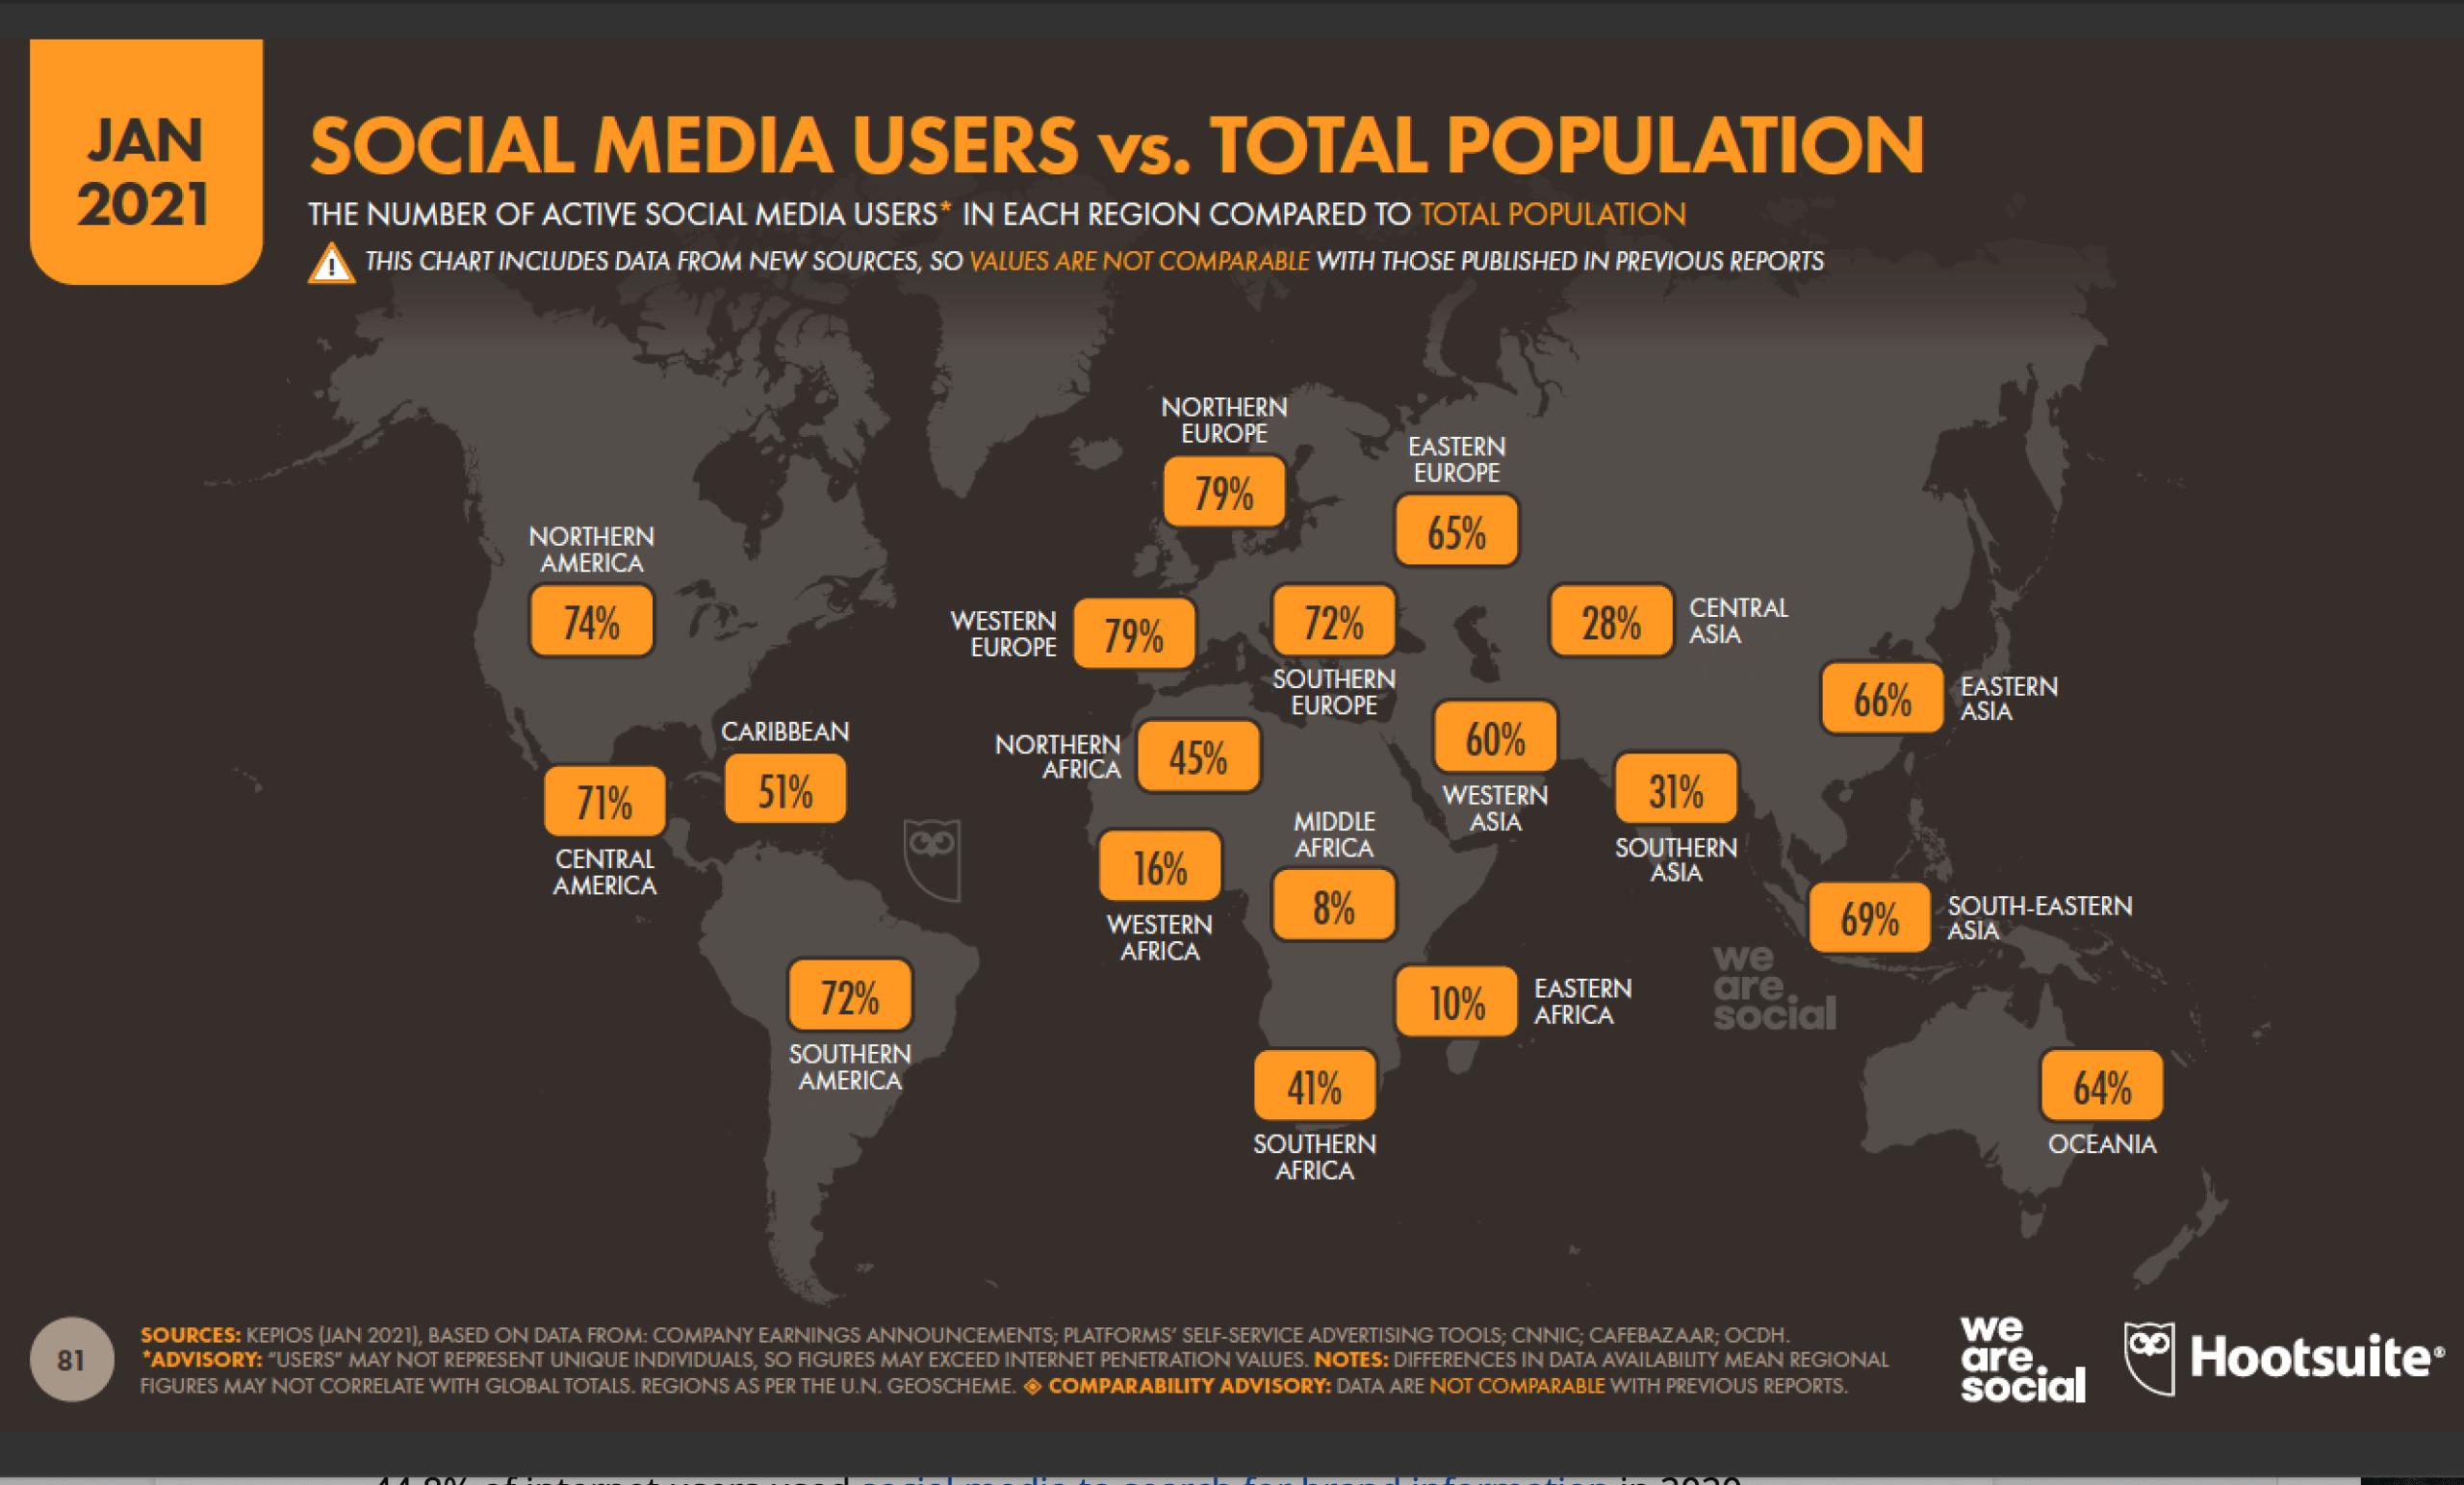 пользователи социальных сетей по сравнению с общим населением